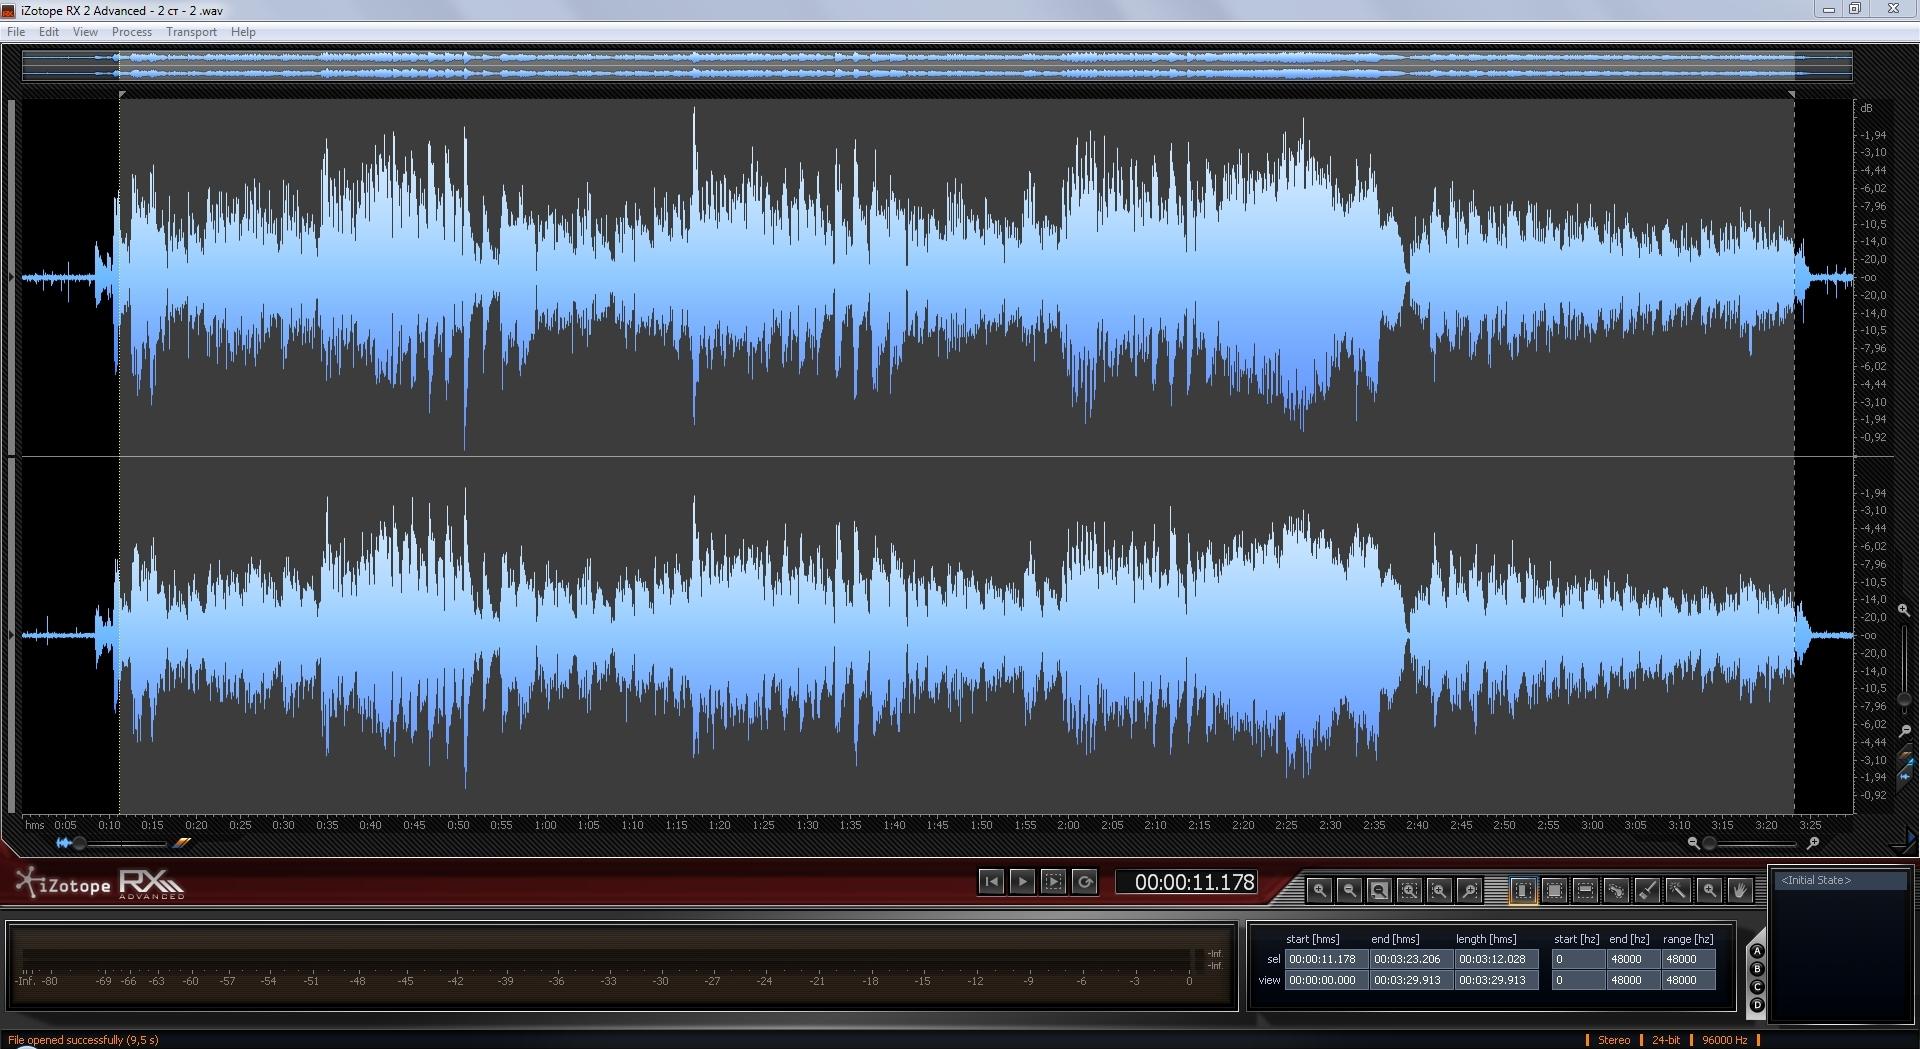 песня олеся песняры слушать онлайн